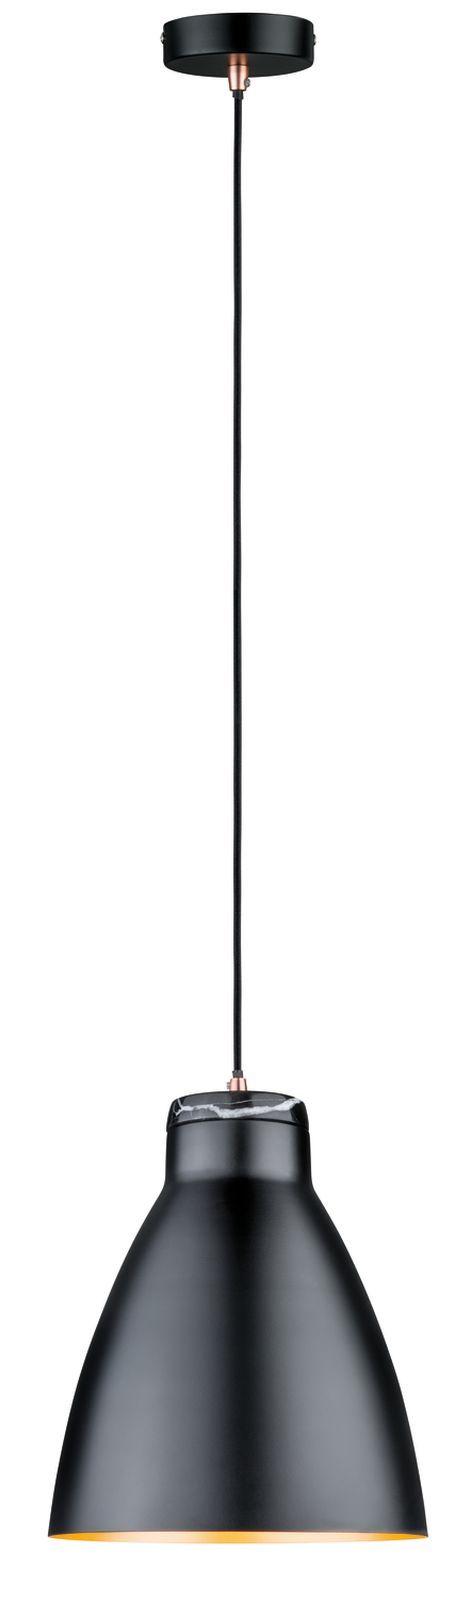 So edel  Diese Kombination aus Schwarz + Gold + Marmor ist eine Traum-Lampe     Paulmann Pendelleuchte Neordic Roald 1-flammig Schwarz/Kupfer/Marmor | markenbaumarkt24